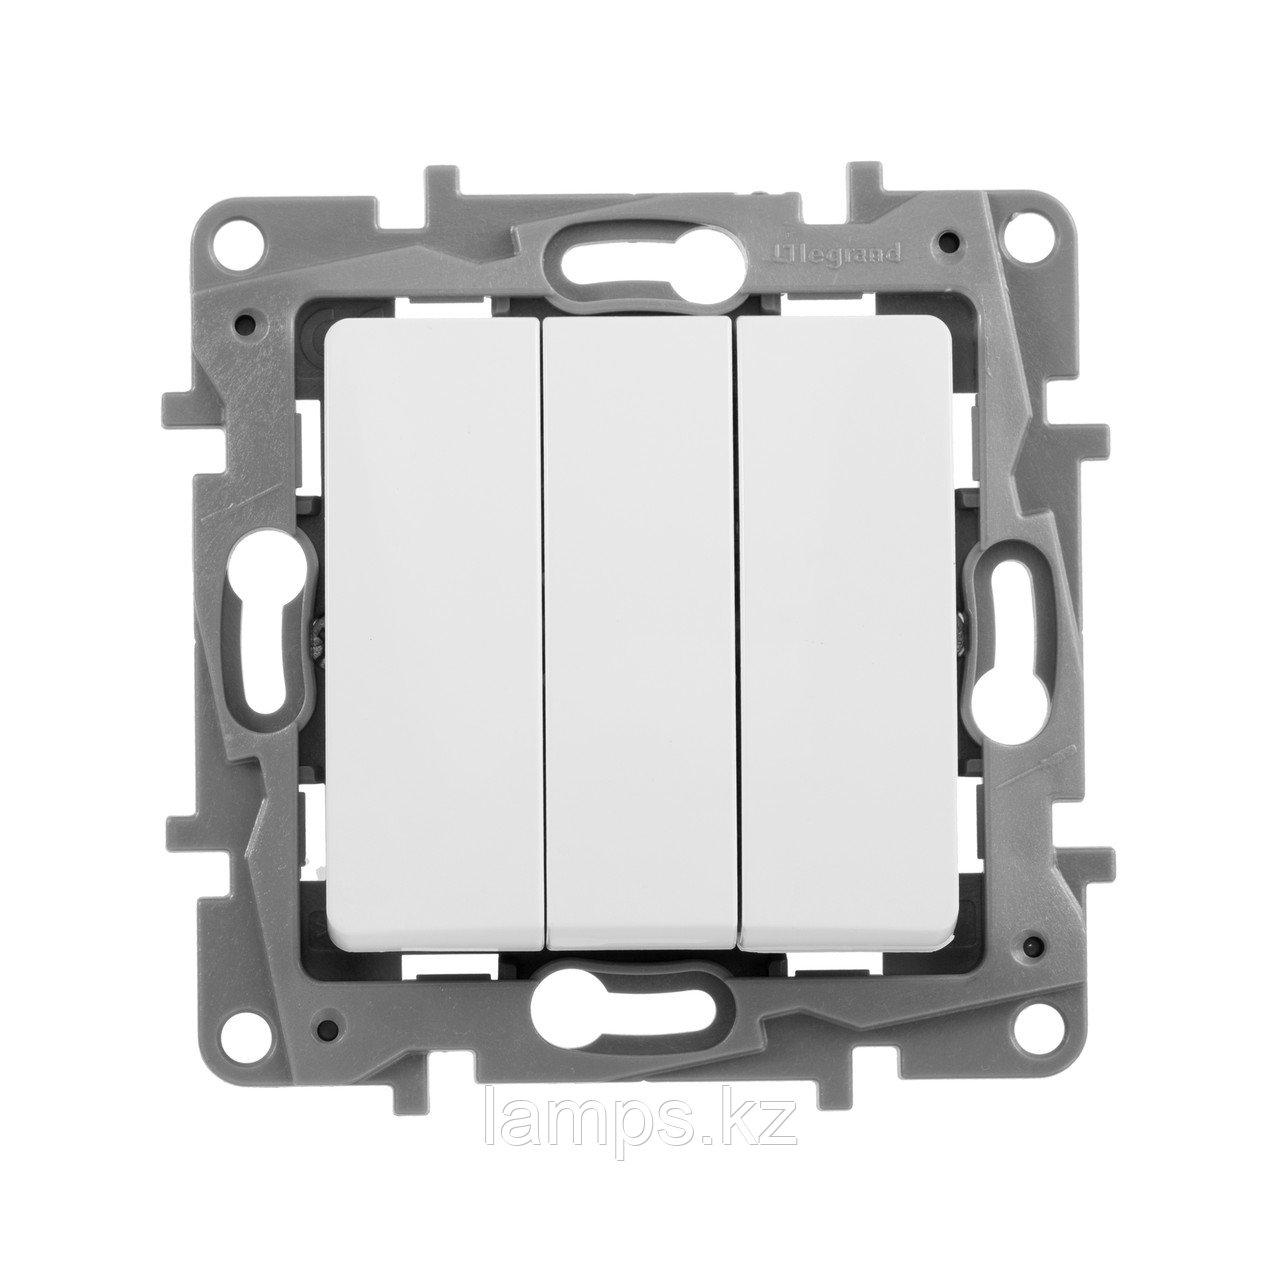 Выключатель трехклавишный - Etika - 10 A - 250 В~ - белый